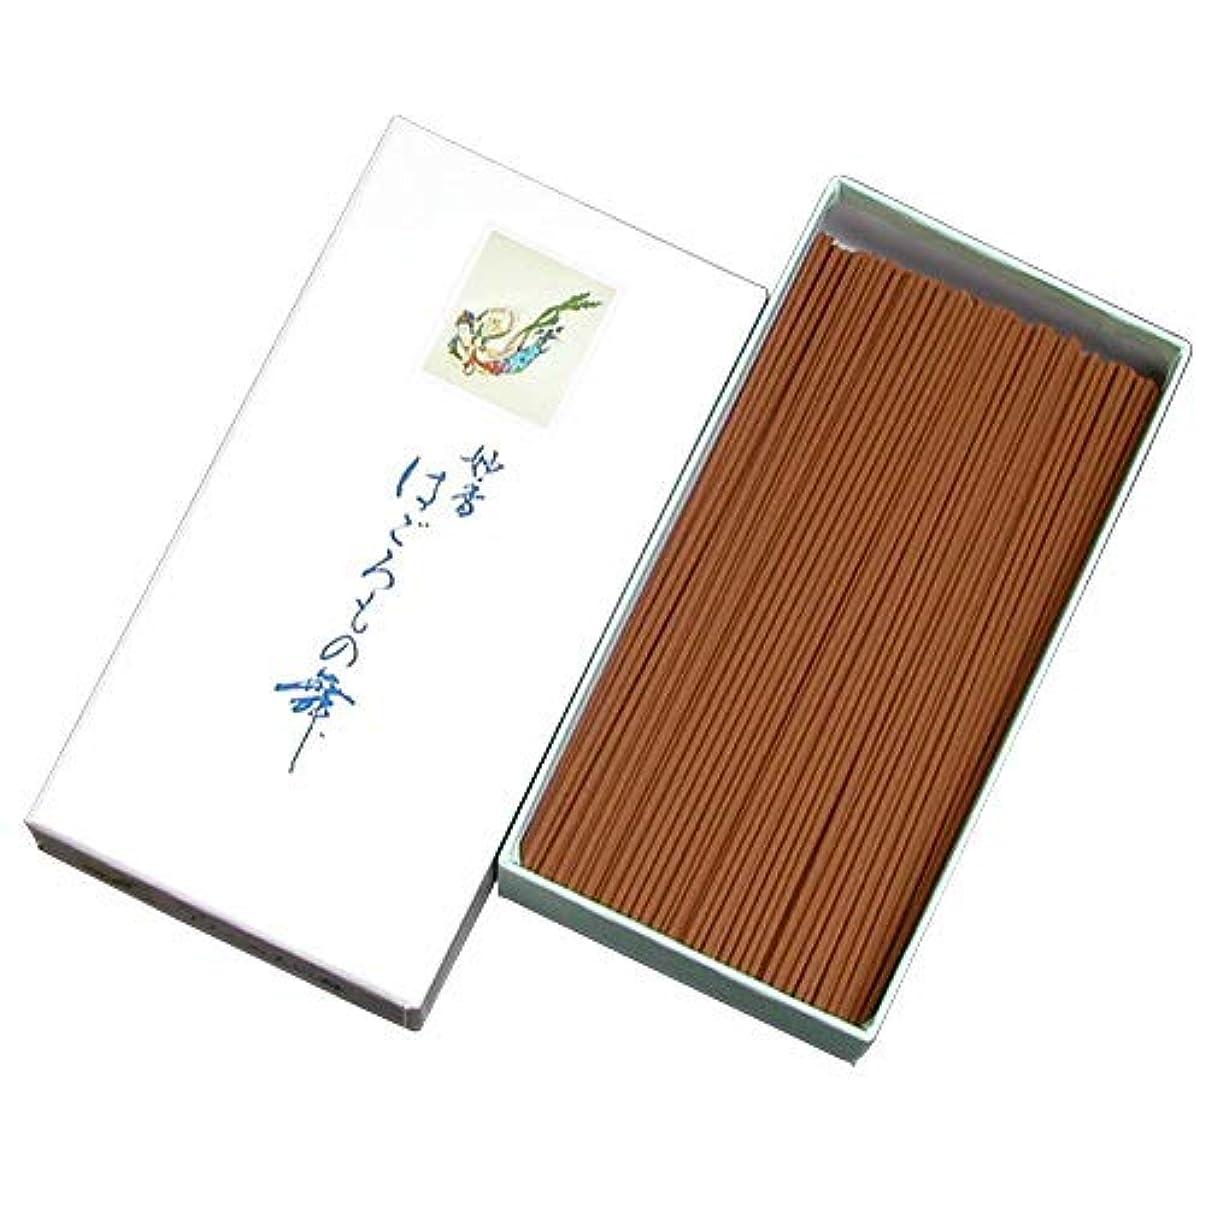 歩道卒業静的家庭用線香 はごろもの舞(箱寸法16×8.5×3.5cm)◆一番人気の優しい香りのお線香(大発)